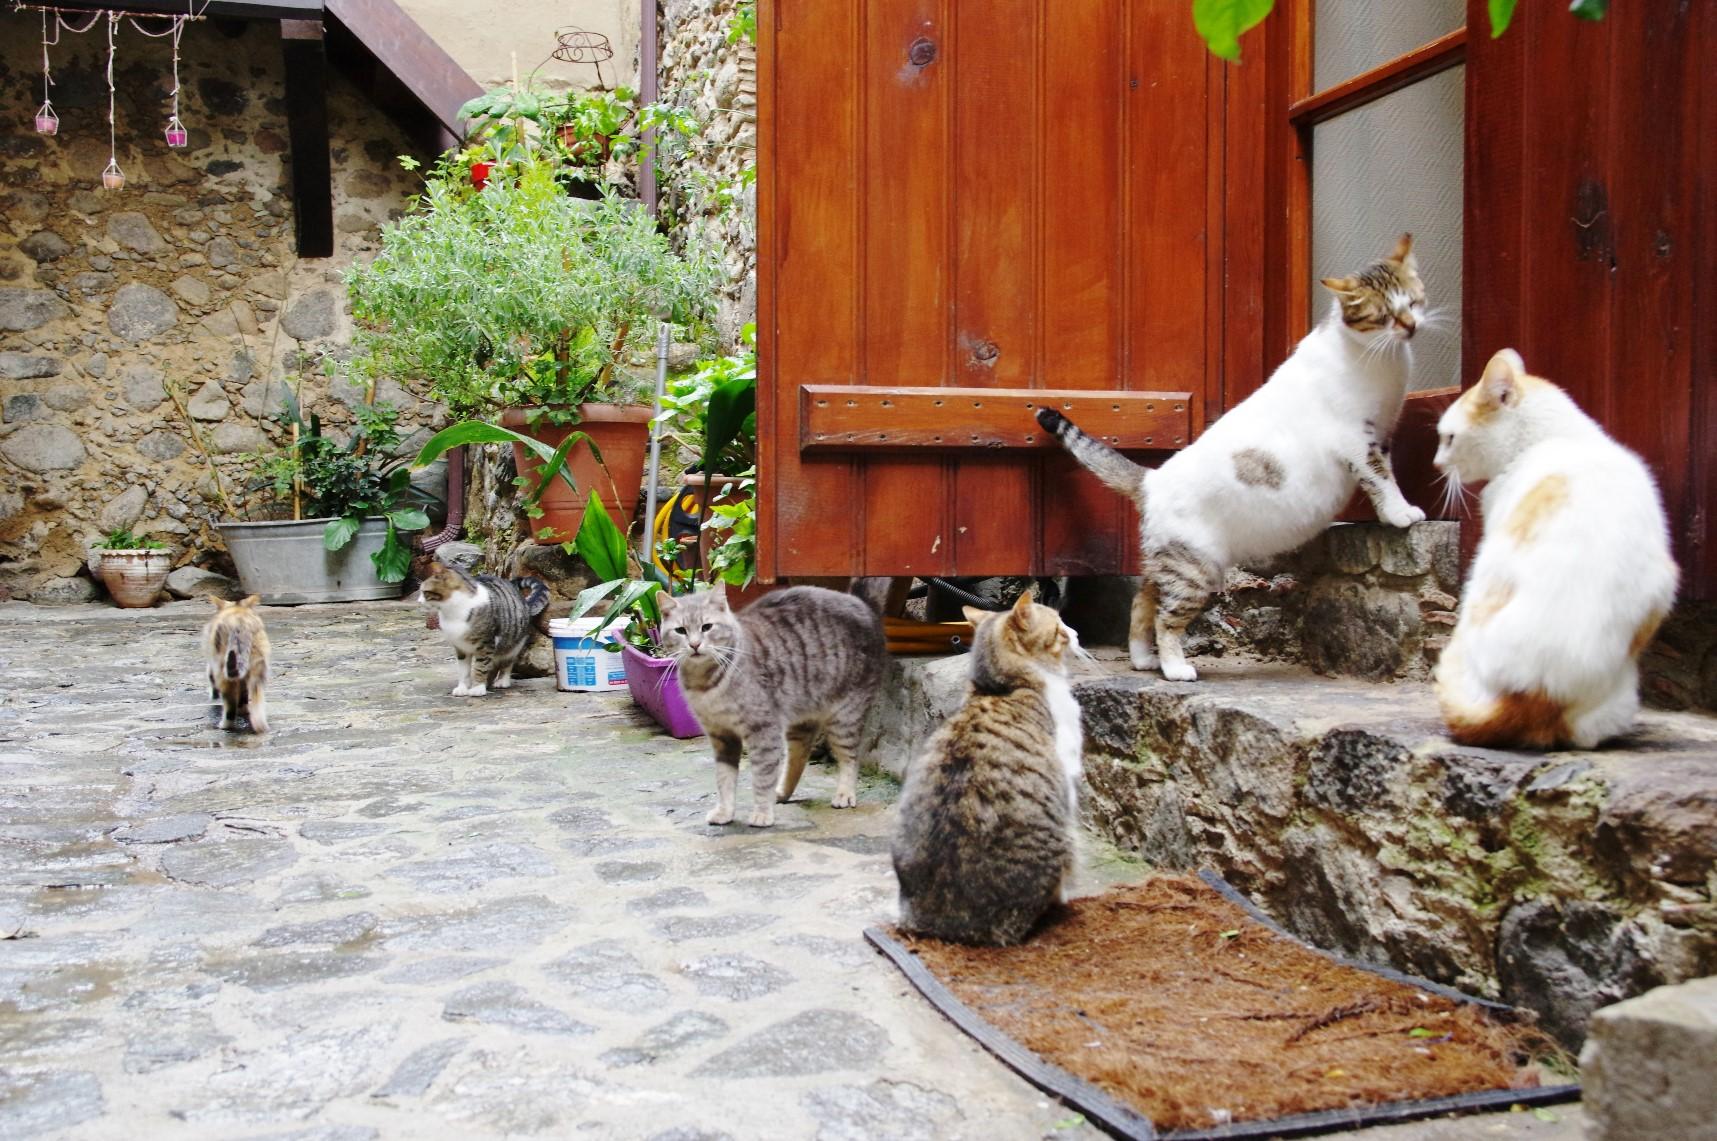 カコペトリアの山村で出会った愛らしい猫たち